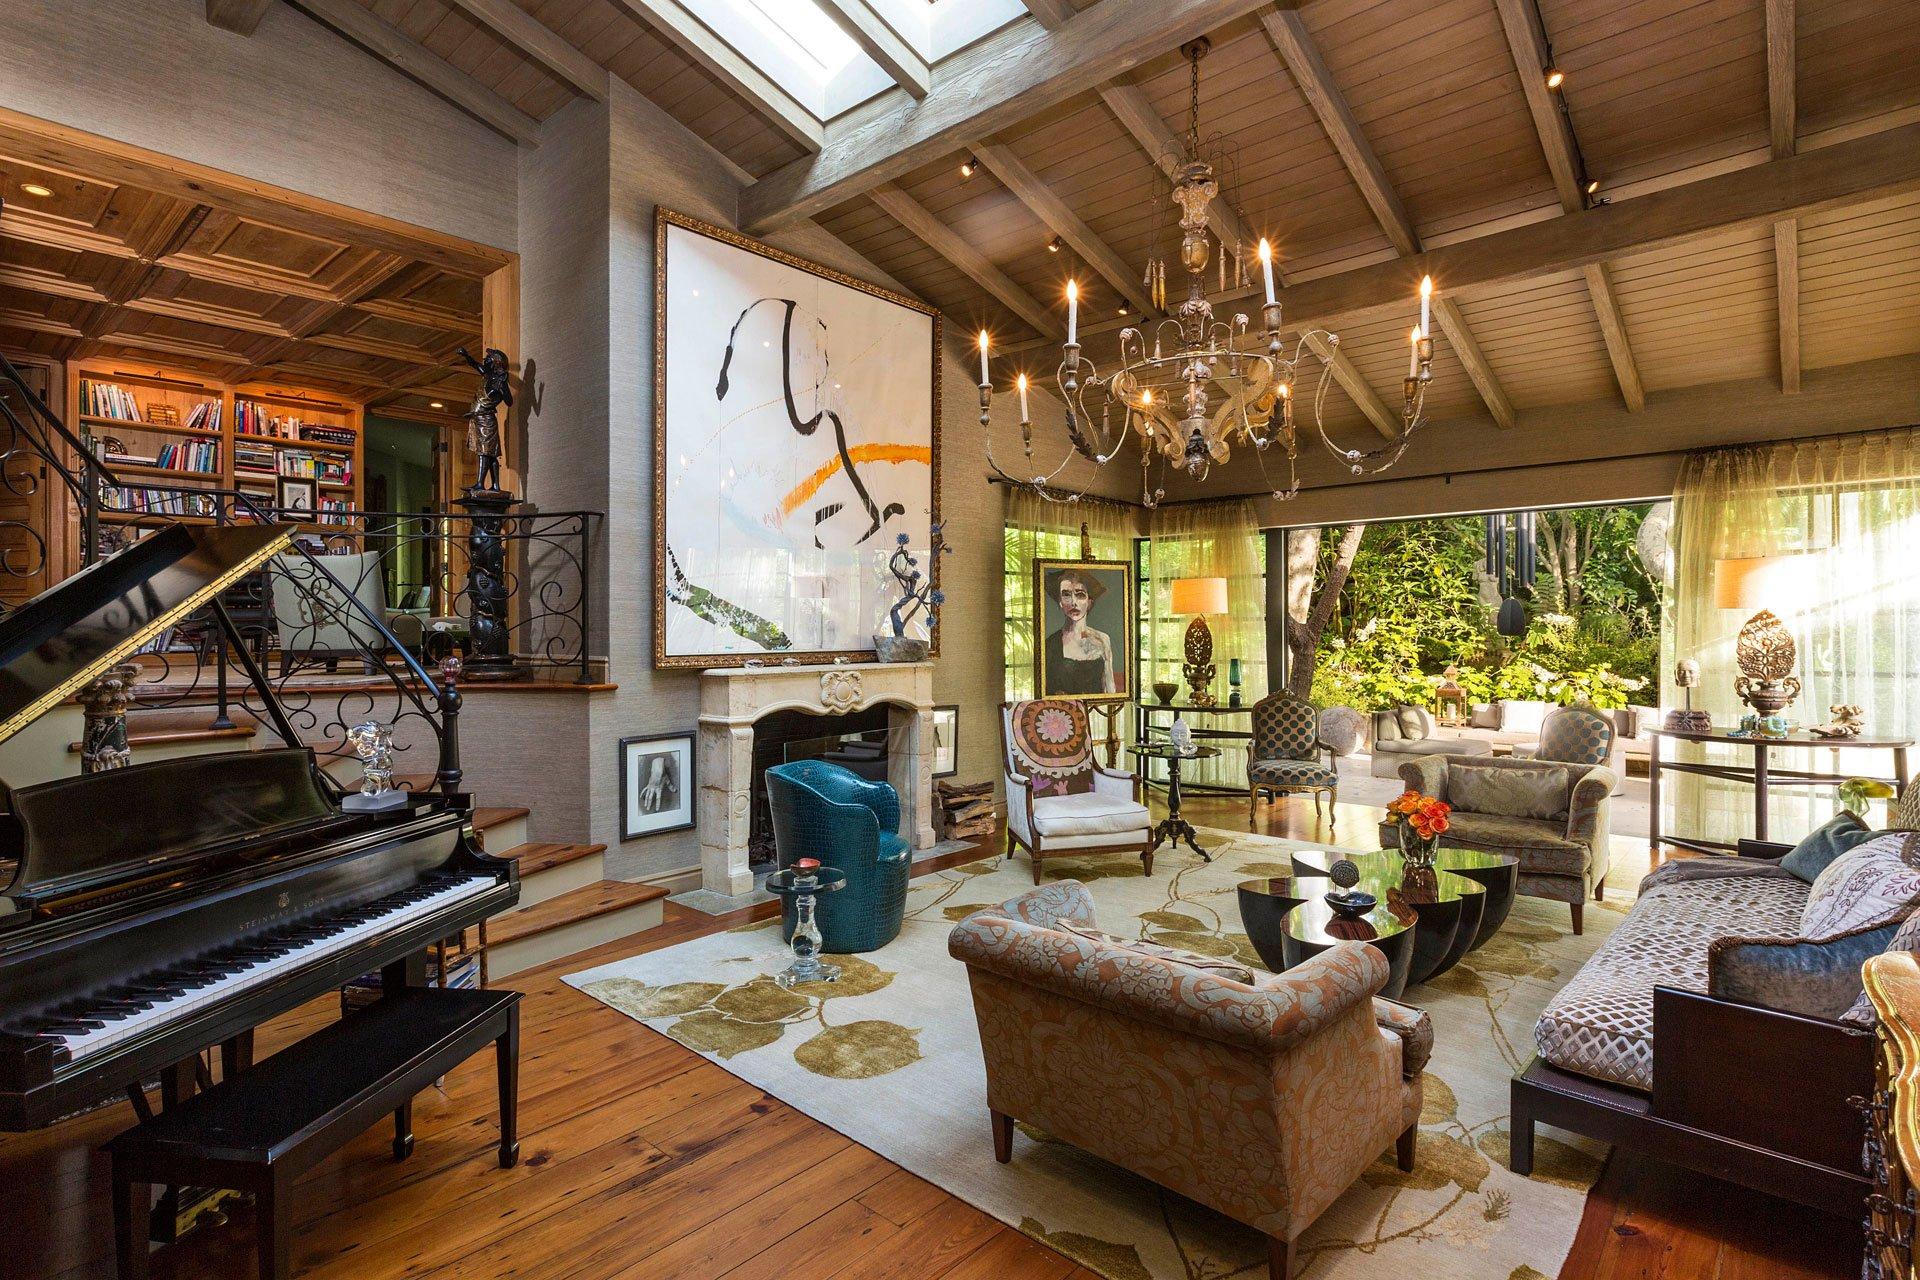 El living room, uno de los lugares más selectos de la vivienda